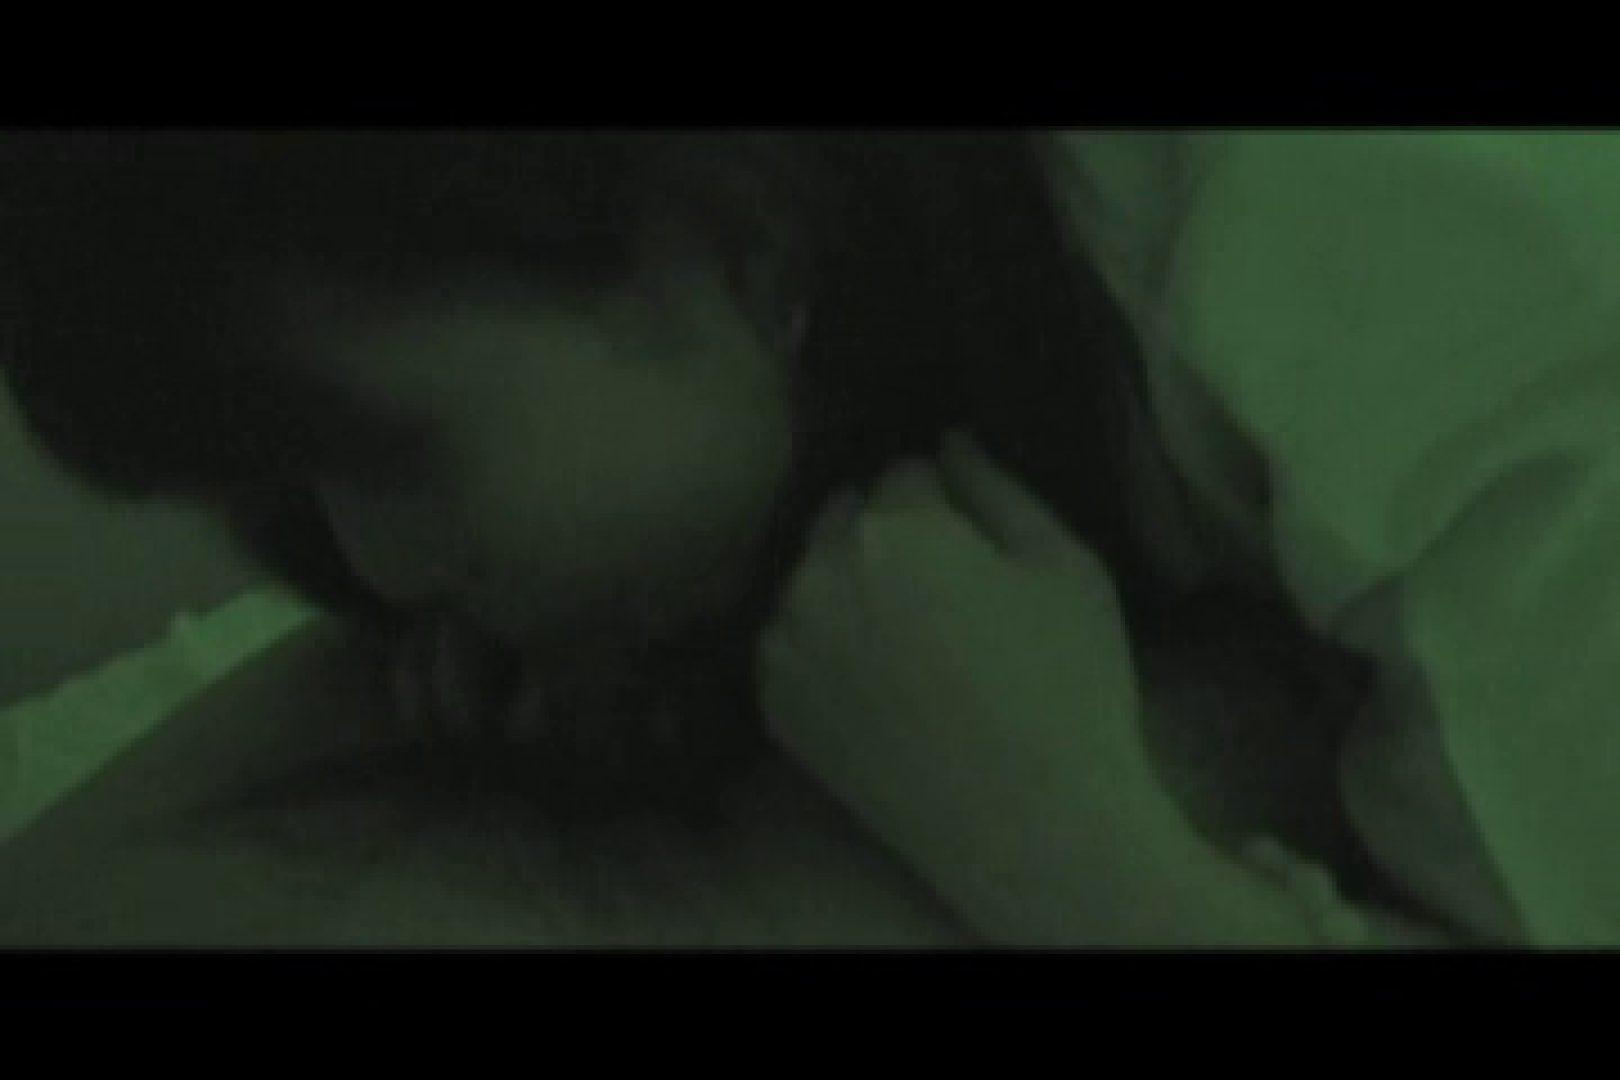 ヤリマンと呼ばれた看護士さんvol3 美しいOLの裸体 AV無料動画キャプチャ 72pic 7